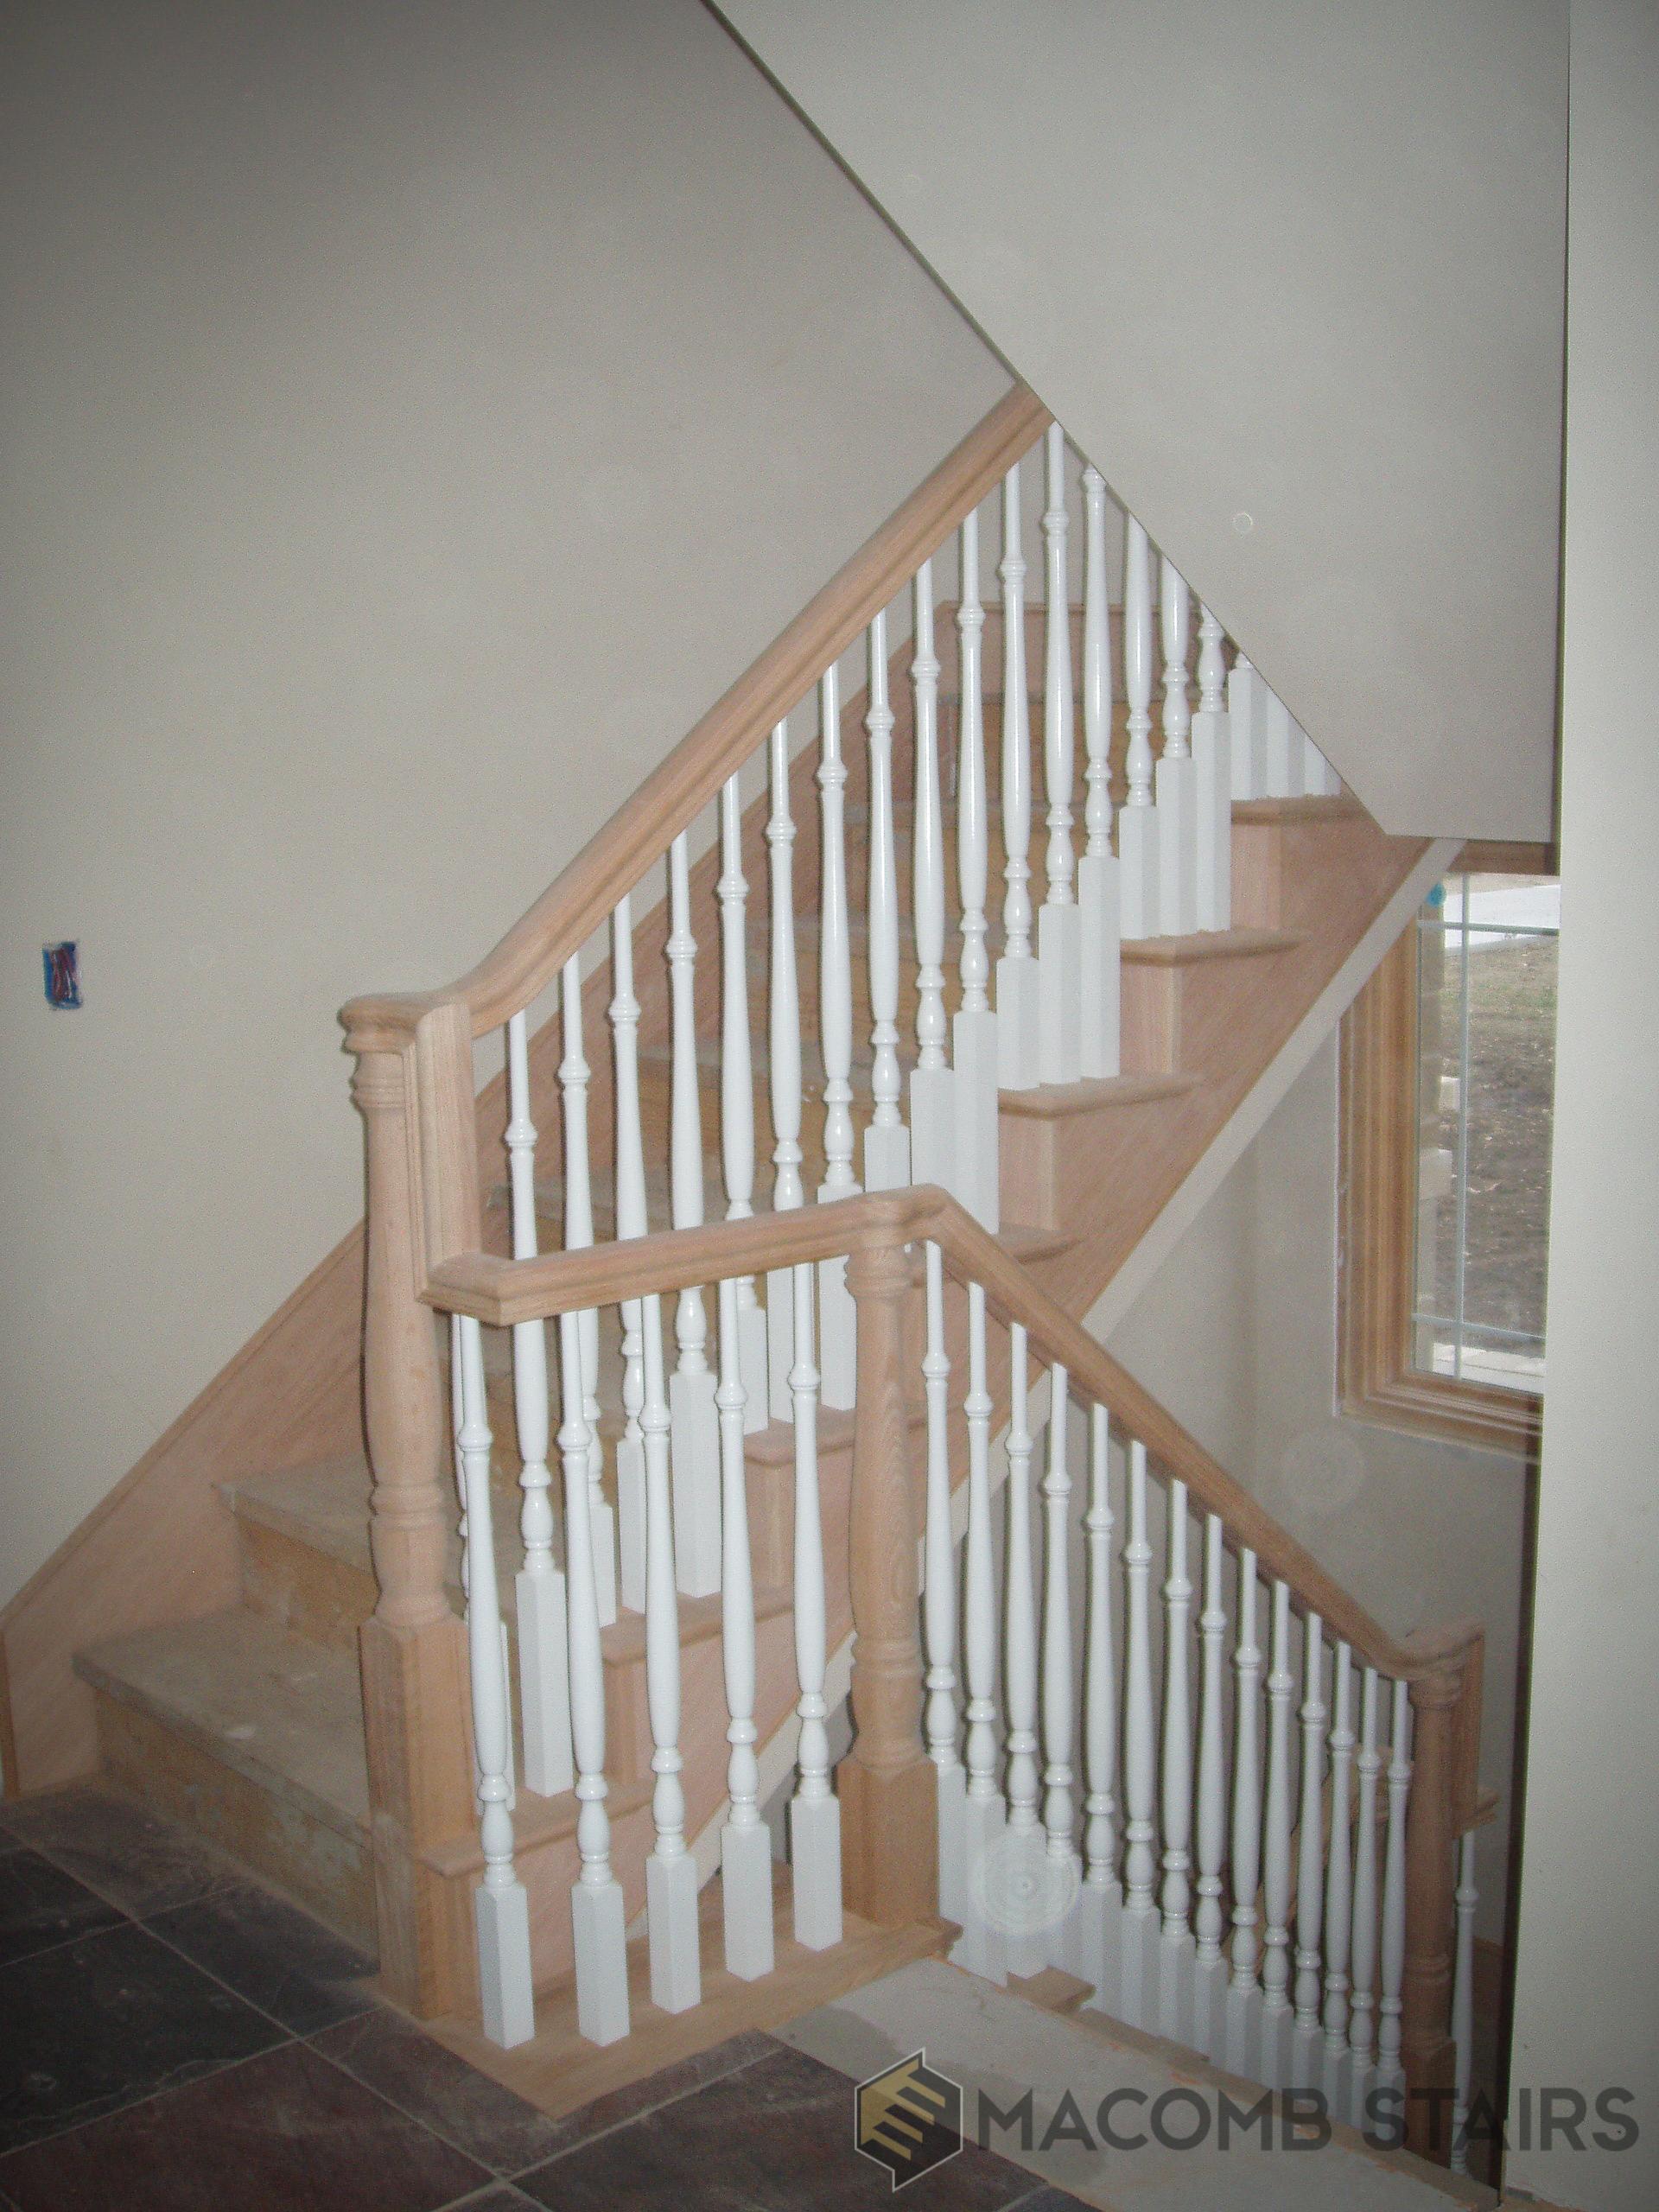 Macomb Stairs- Stair Photo-212.jpg